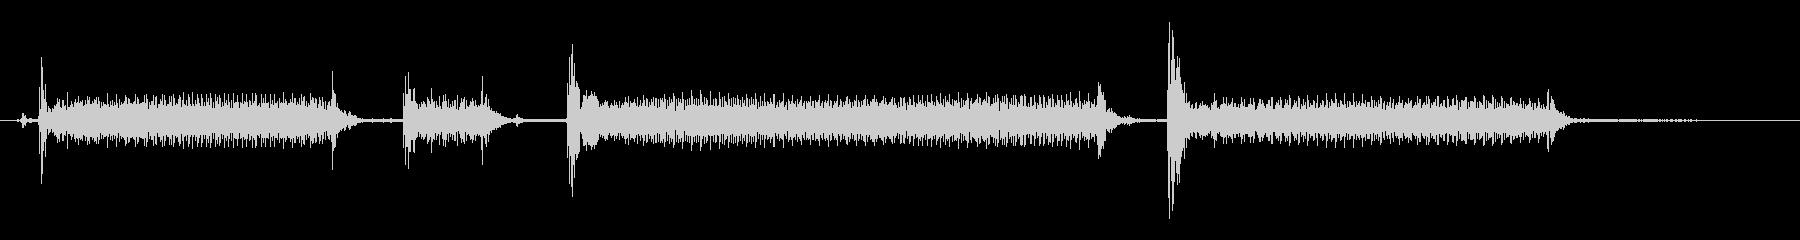 フードプロセッサ:ミックス、複数の...の未再生の波形